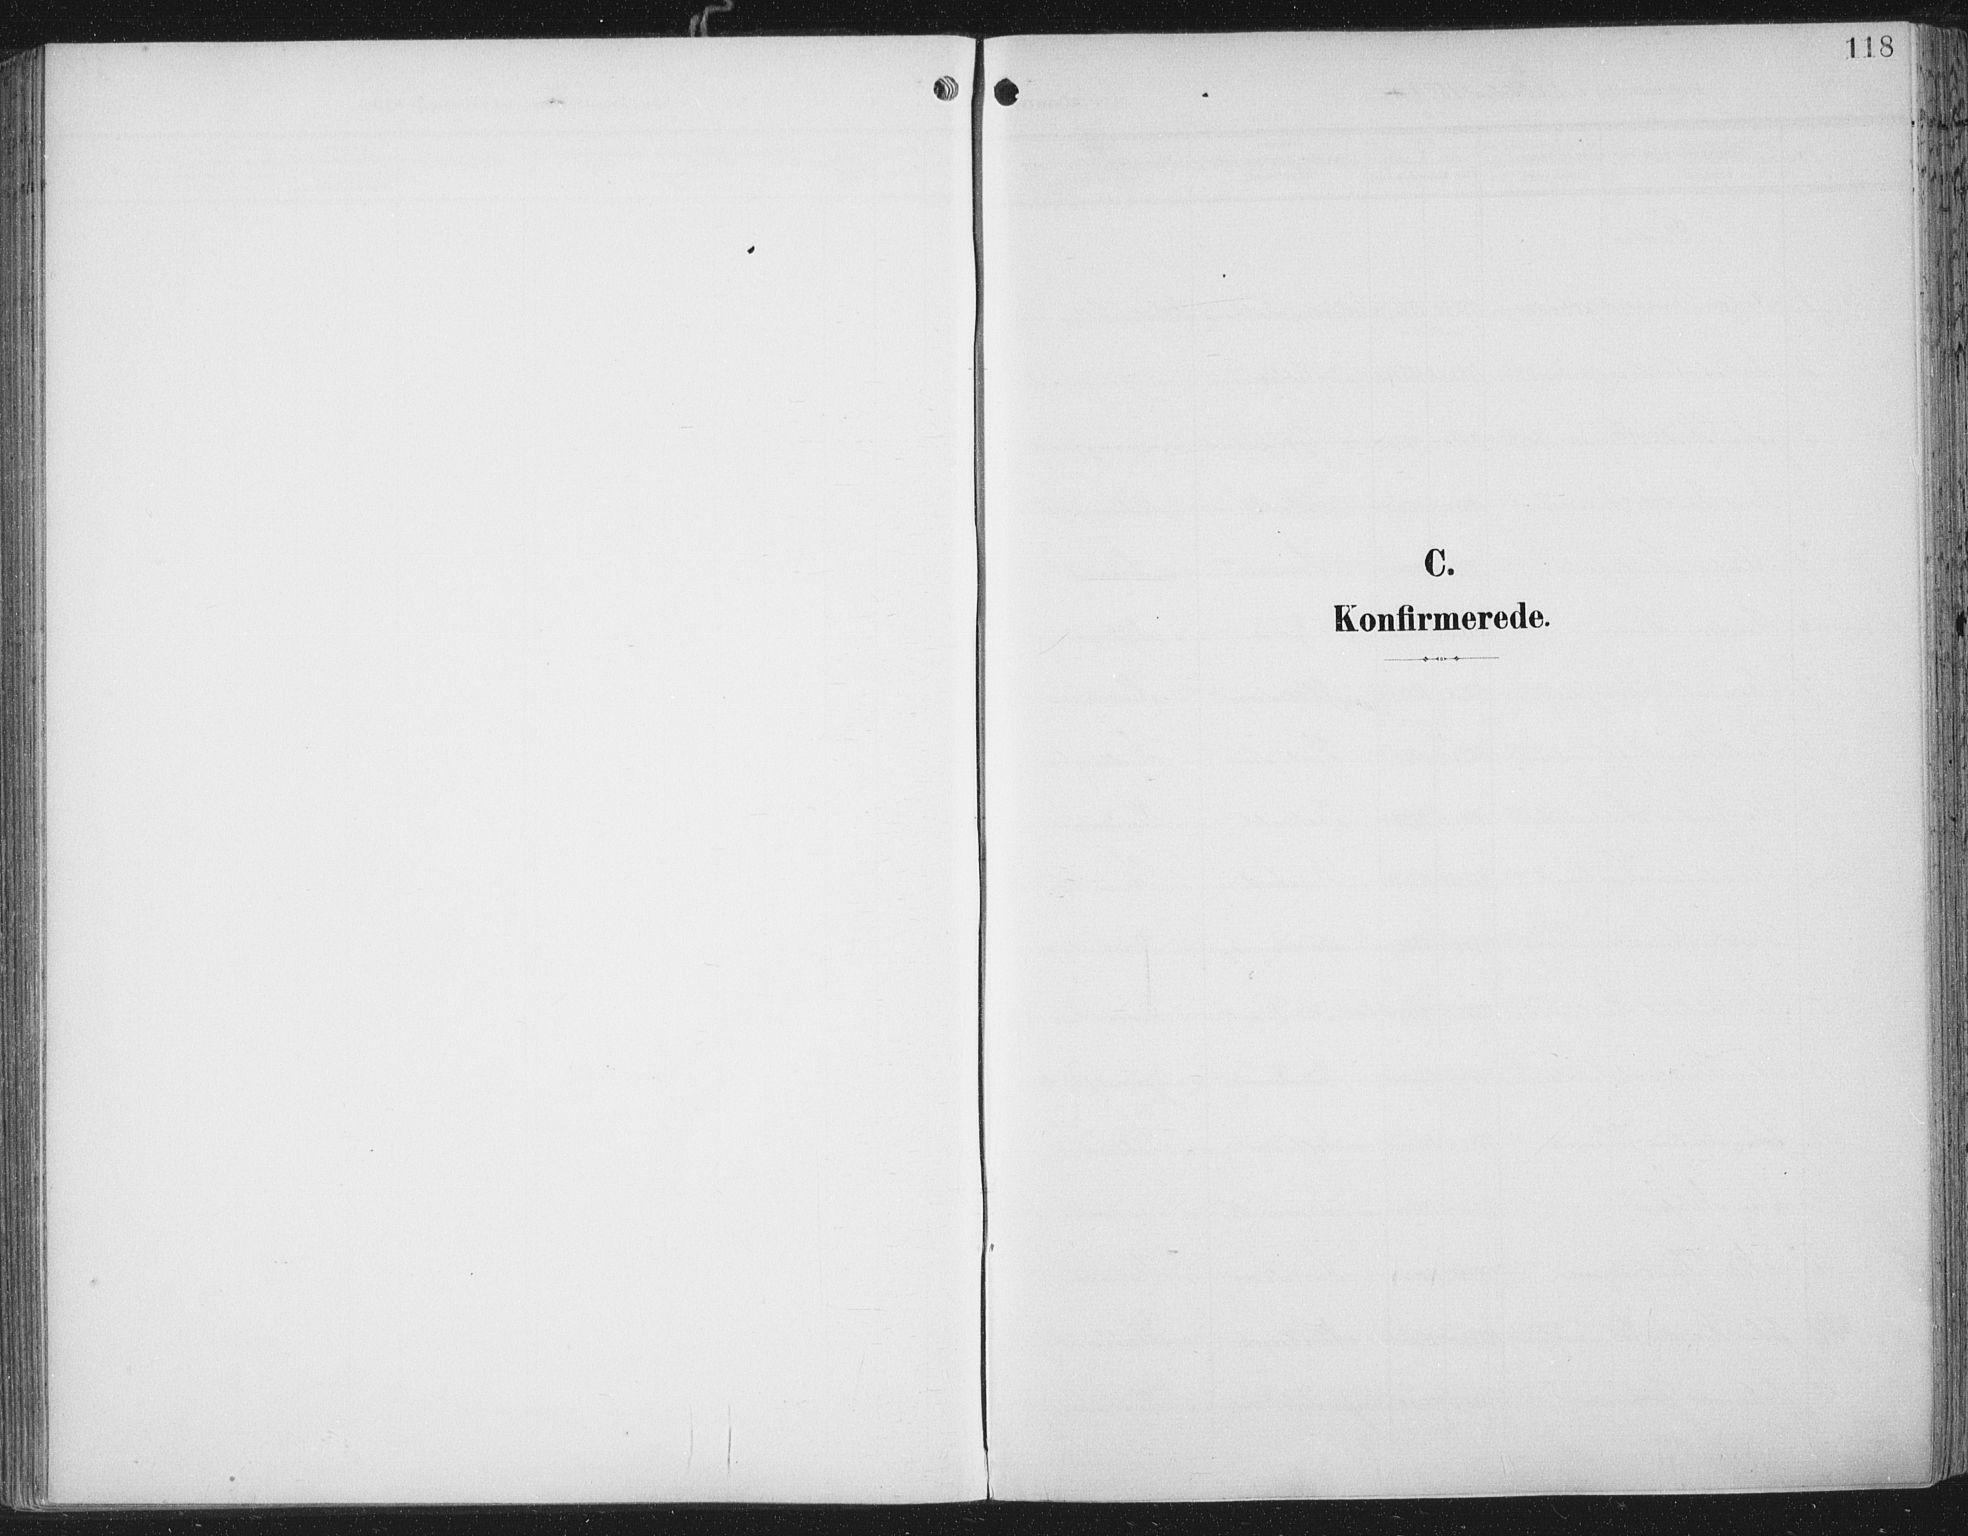 SAT, Ministerialprotokoller, klokkerbøker og fødselsregistre - Nord-Trøndelag, 701/L0011: Ministerialbok nr. 701A11, 1899-1915, s. 118